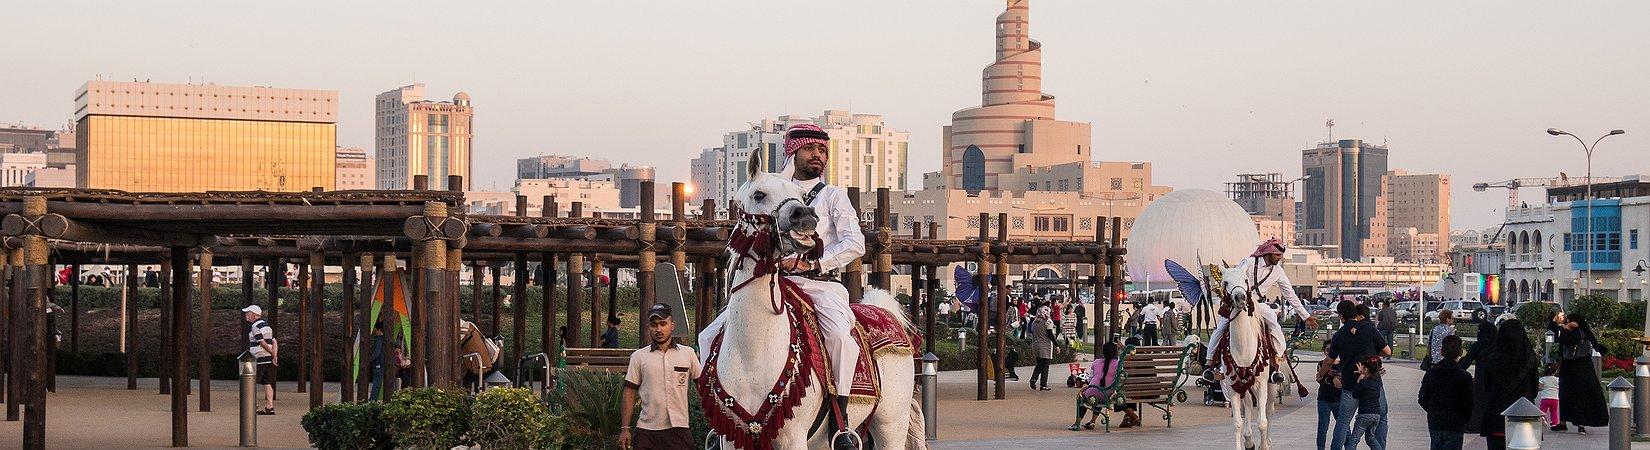 Катар, Великобритания, США: Что грозит мировым рынкам